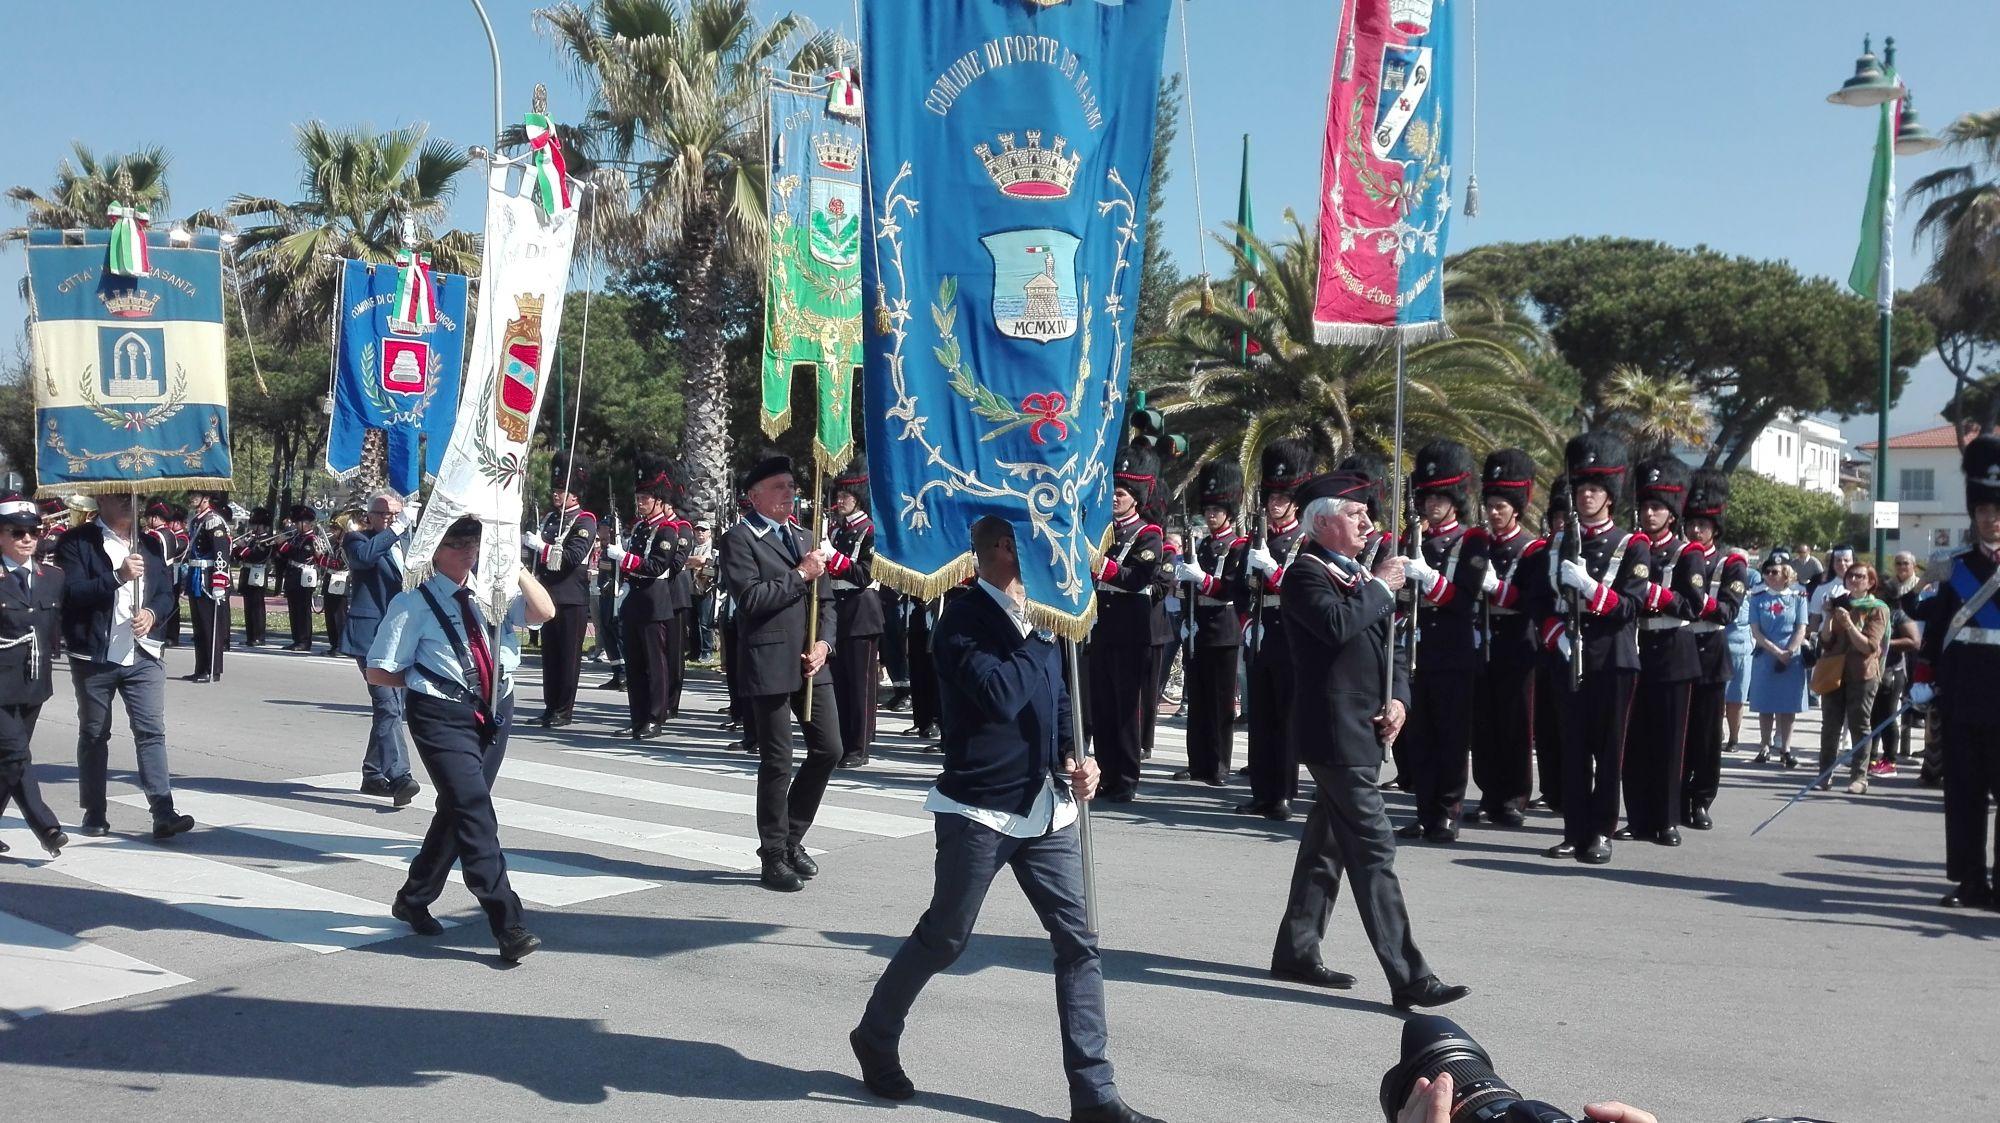 Successo per il 33° Raduno Nazionale Granatieri di Sardegna a Forte dei Marmi